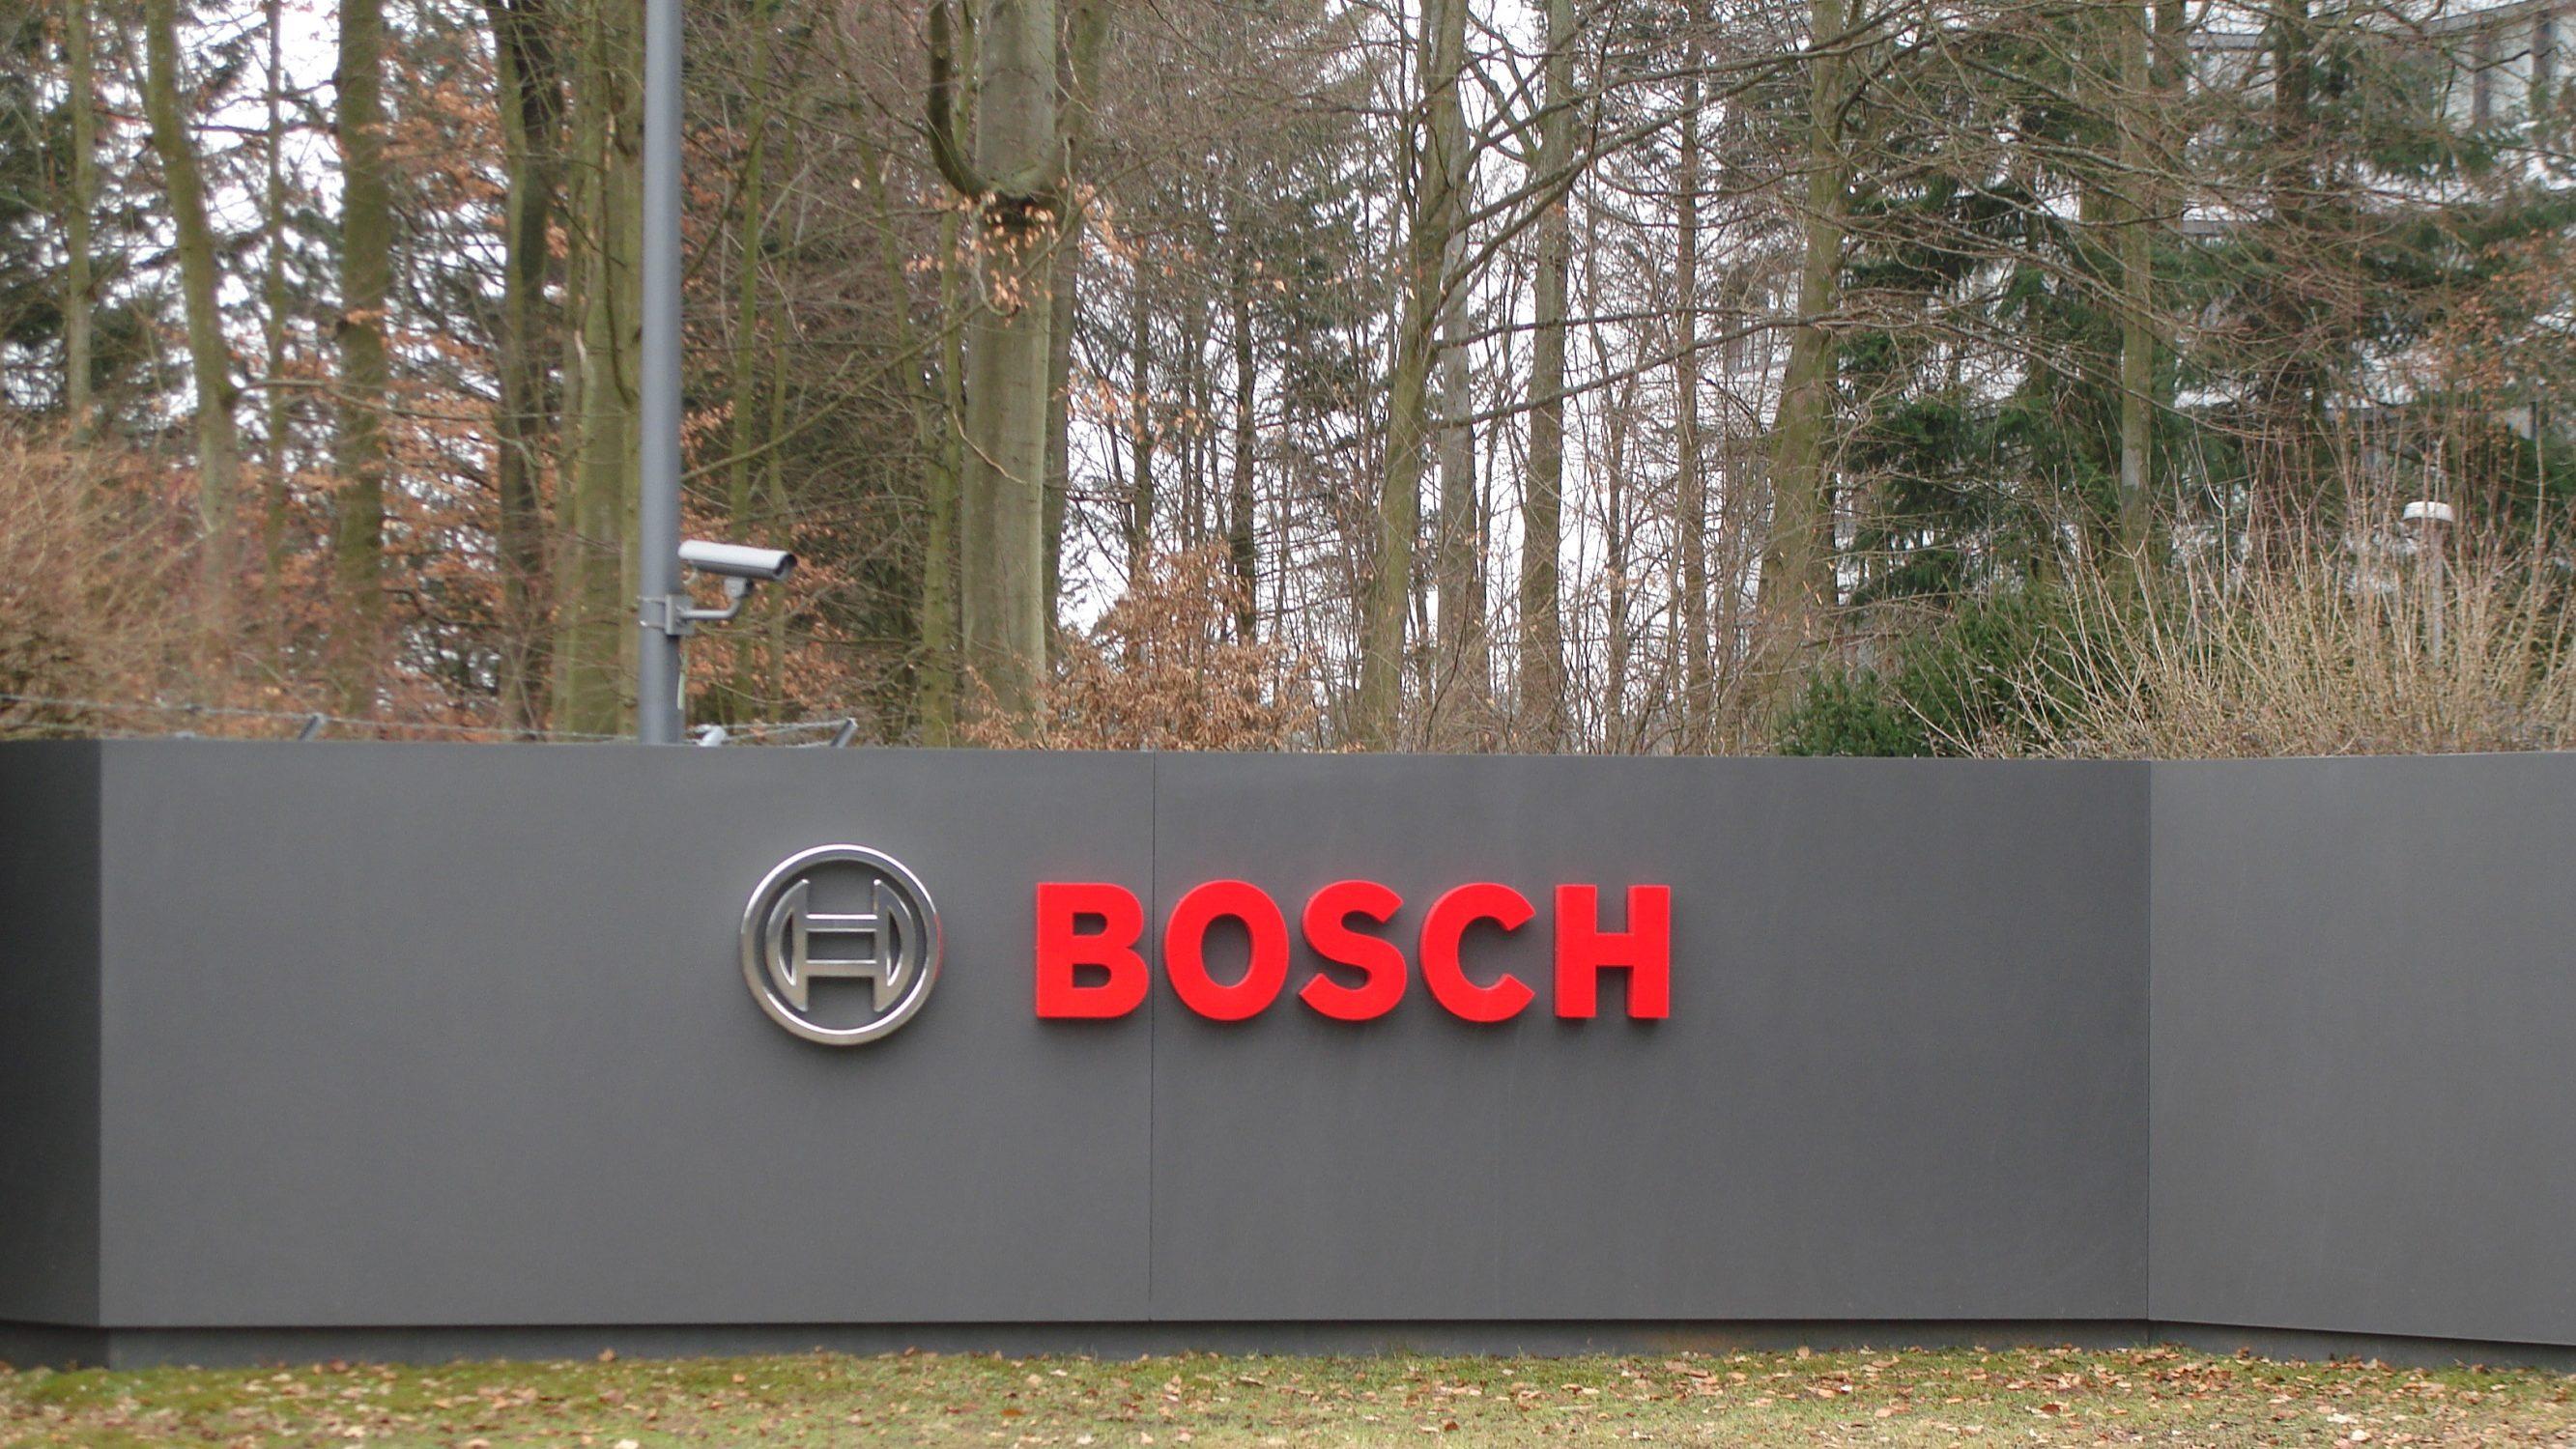 Bosch regista resultados recorde em 2017 e prevê aumento de vendas em 2018